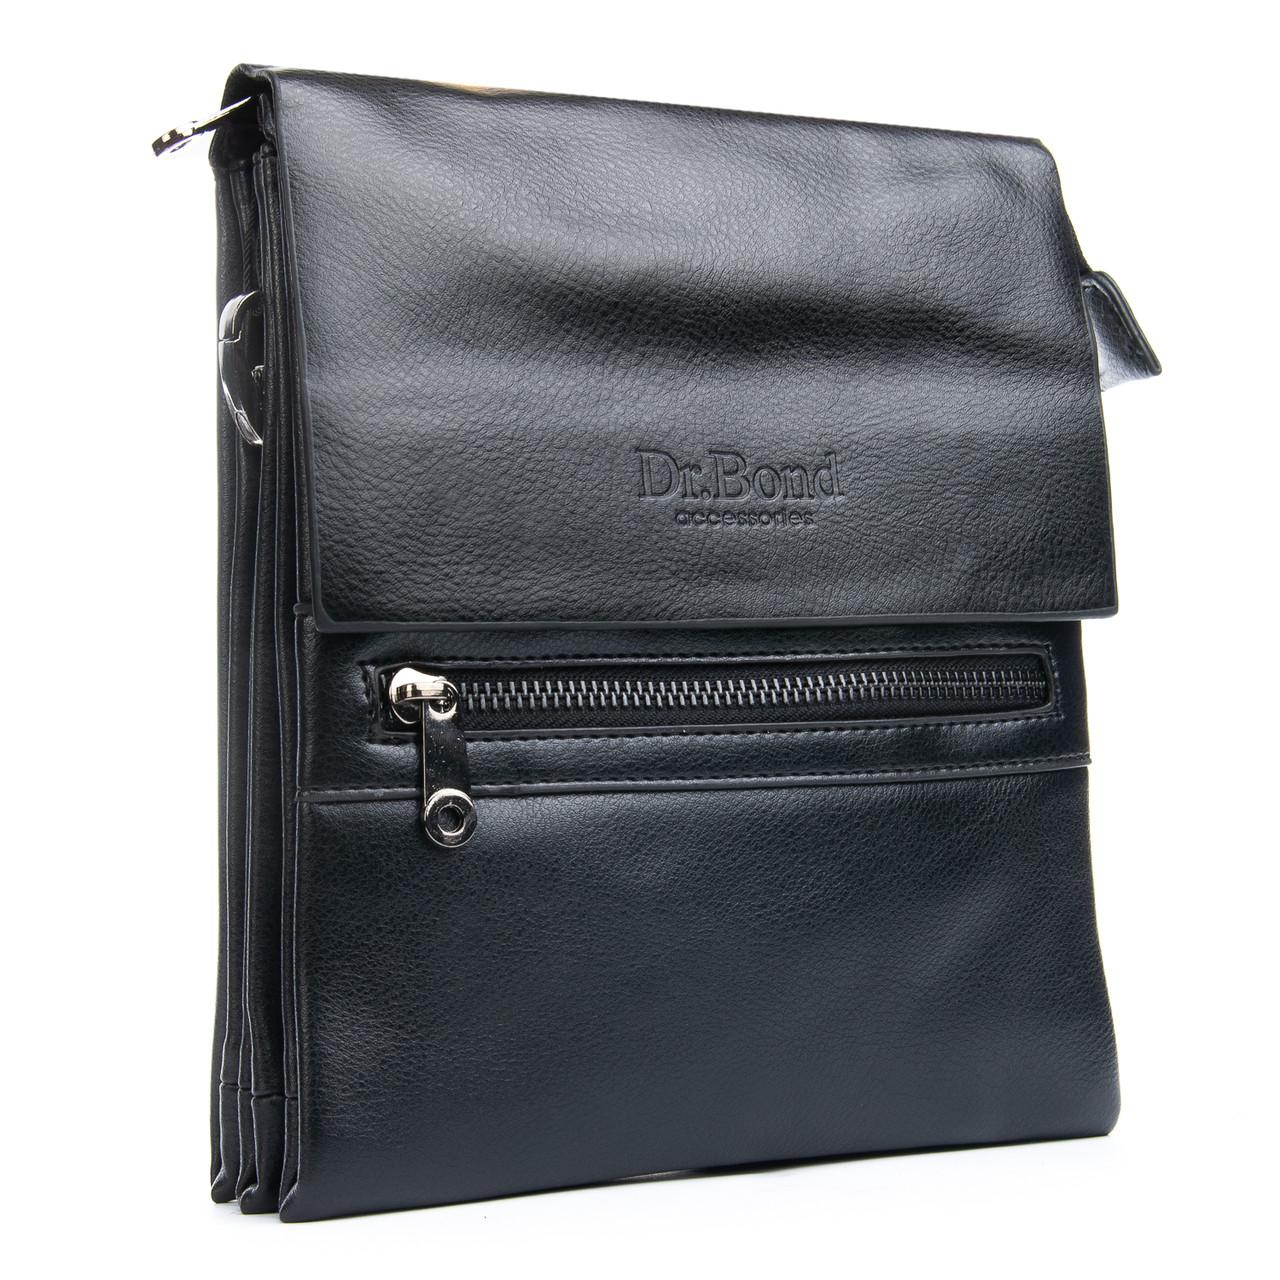 Мужская сумка Планшет Dr.Bond 19 x 23 x 5см Черный (db317-2)